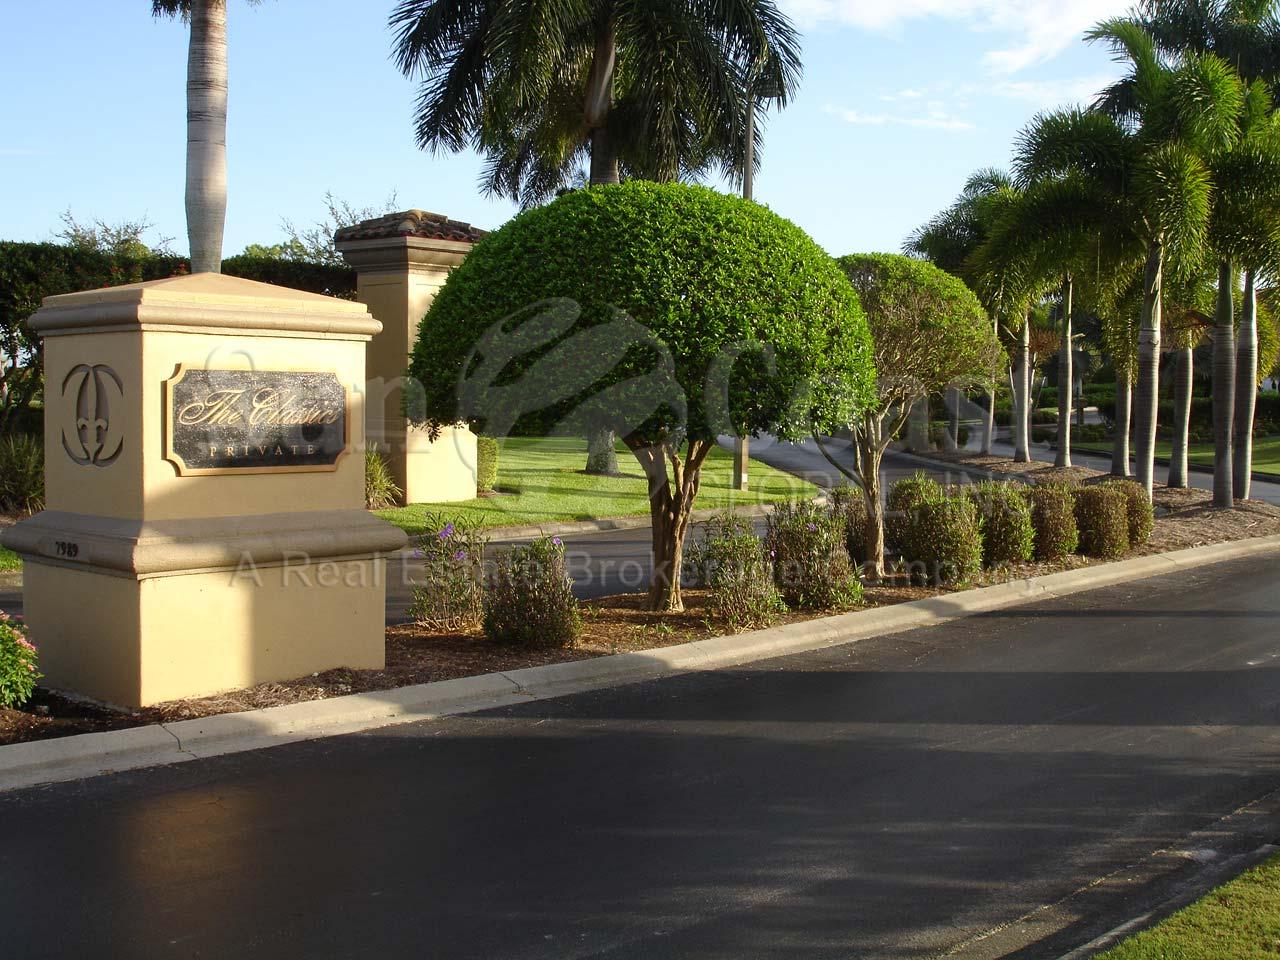 Cottesmore At Lely Resort Real Estate Naples Florida Fla Fl